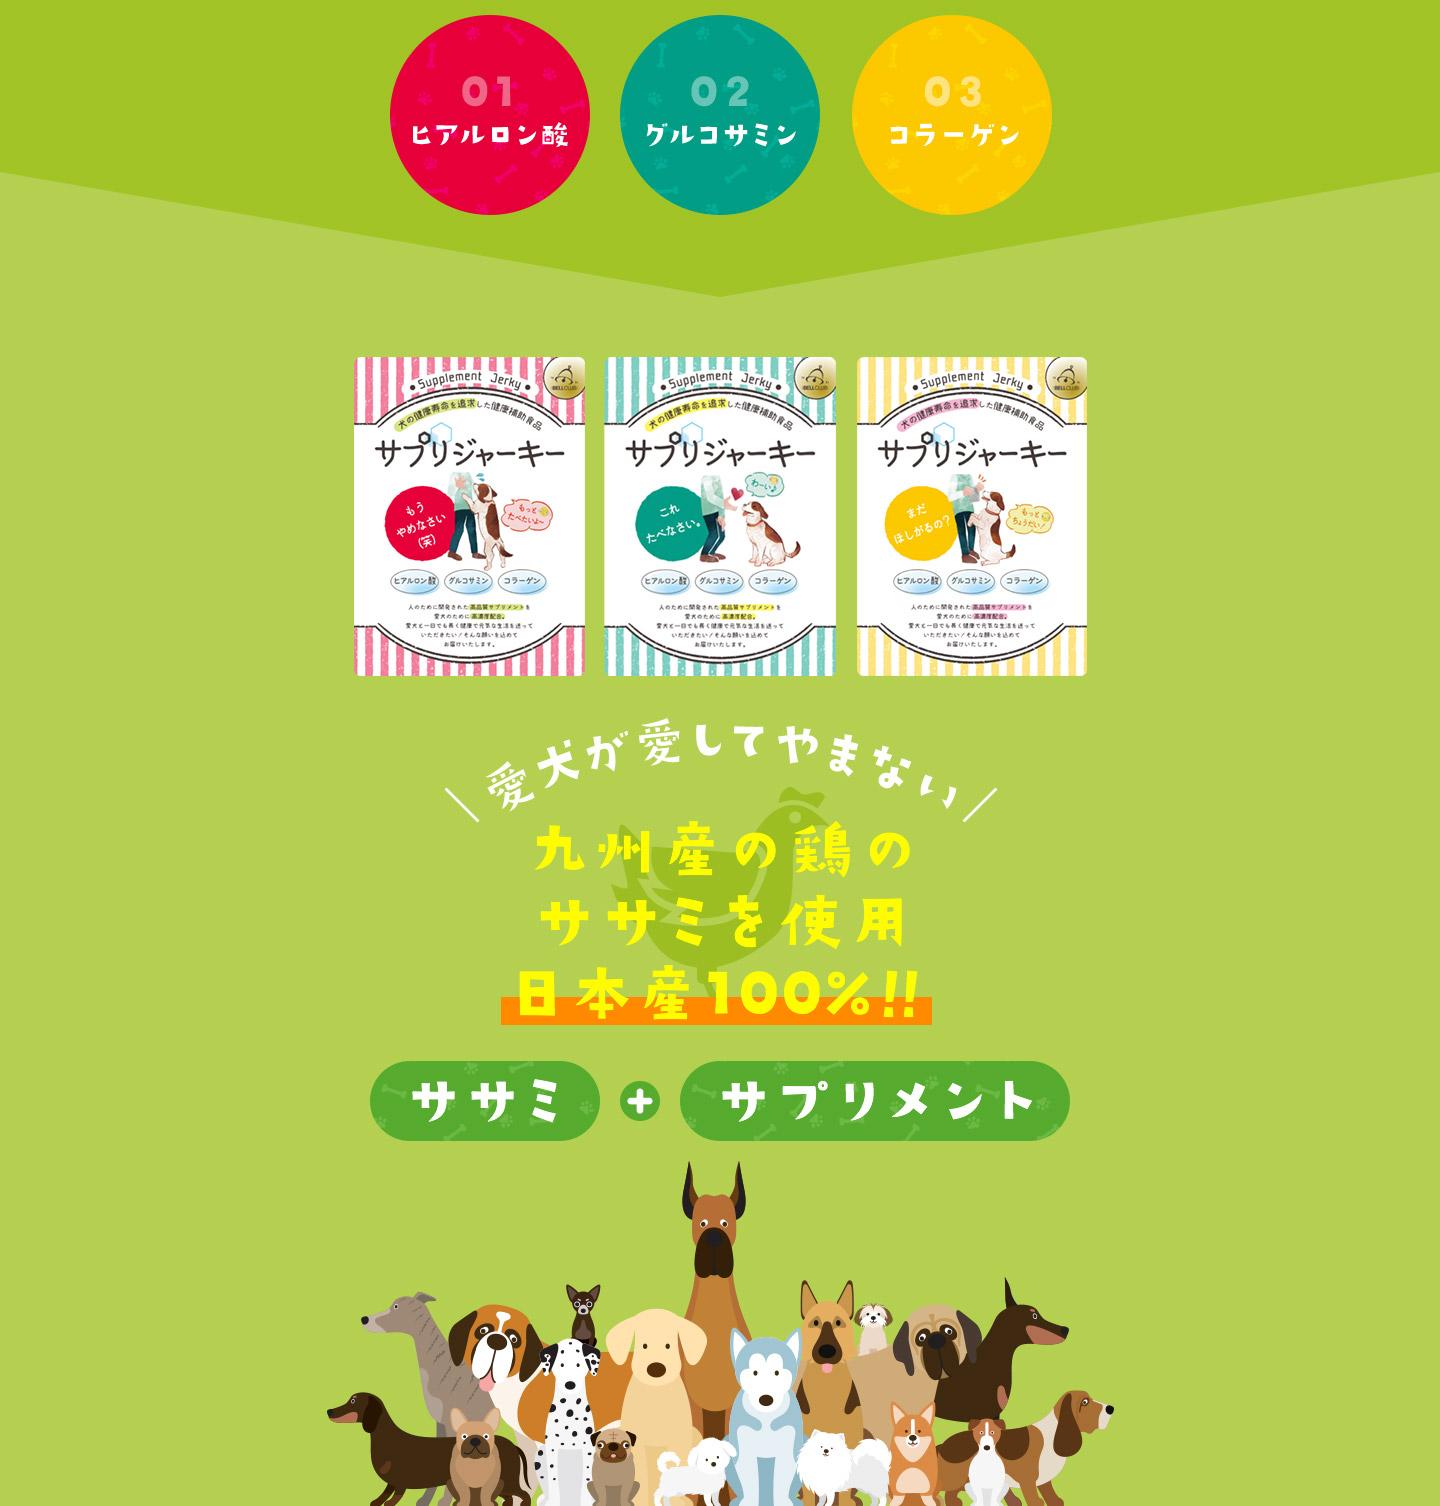 犬の健康寿命を追求した健康補助食品 サプリジャーキー